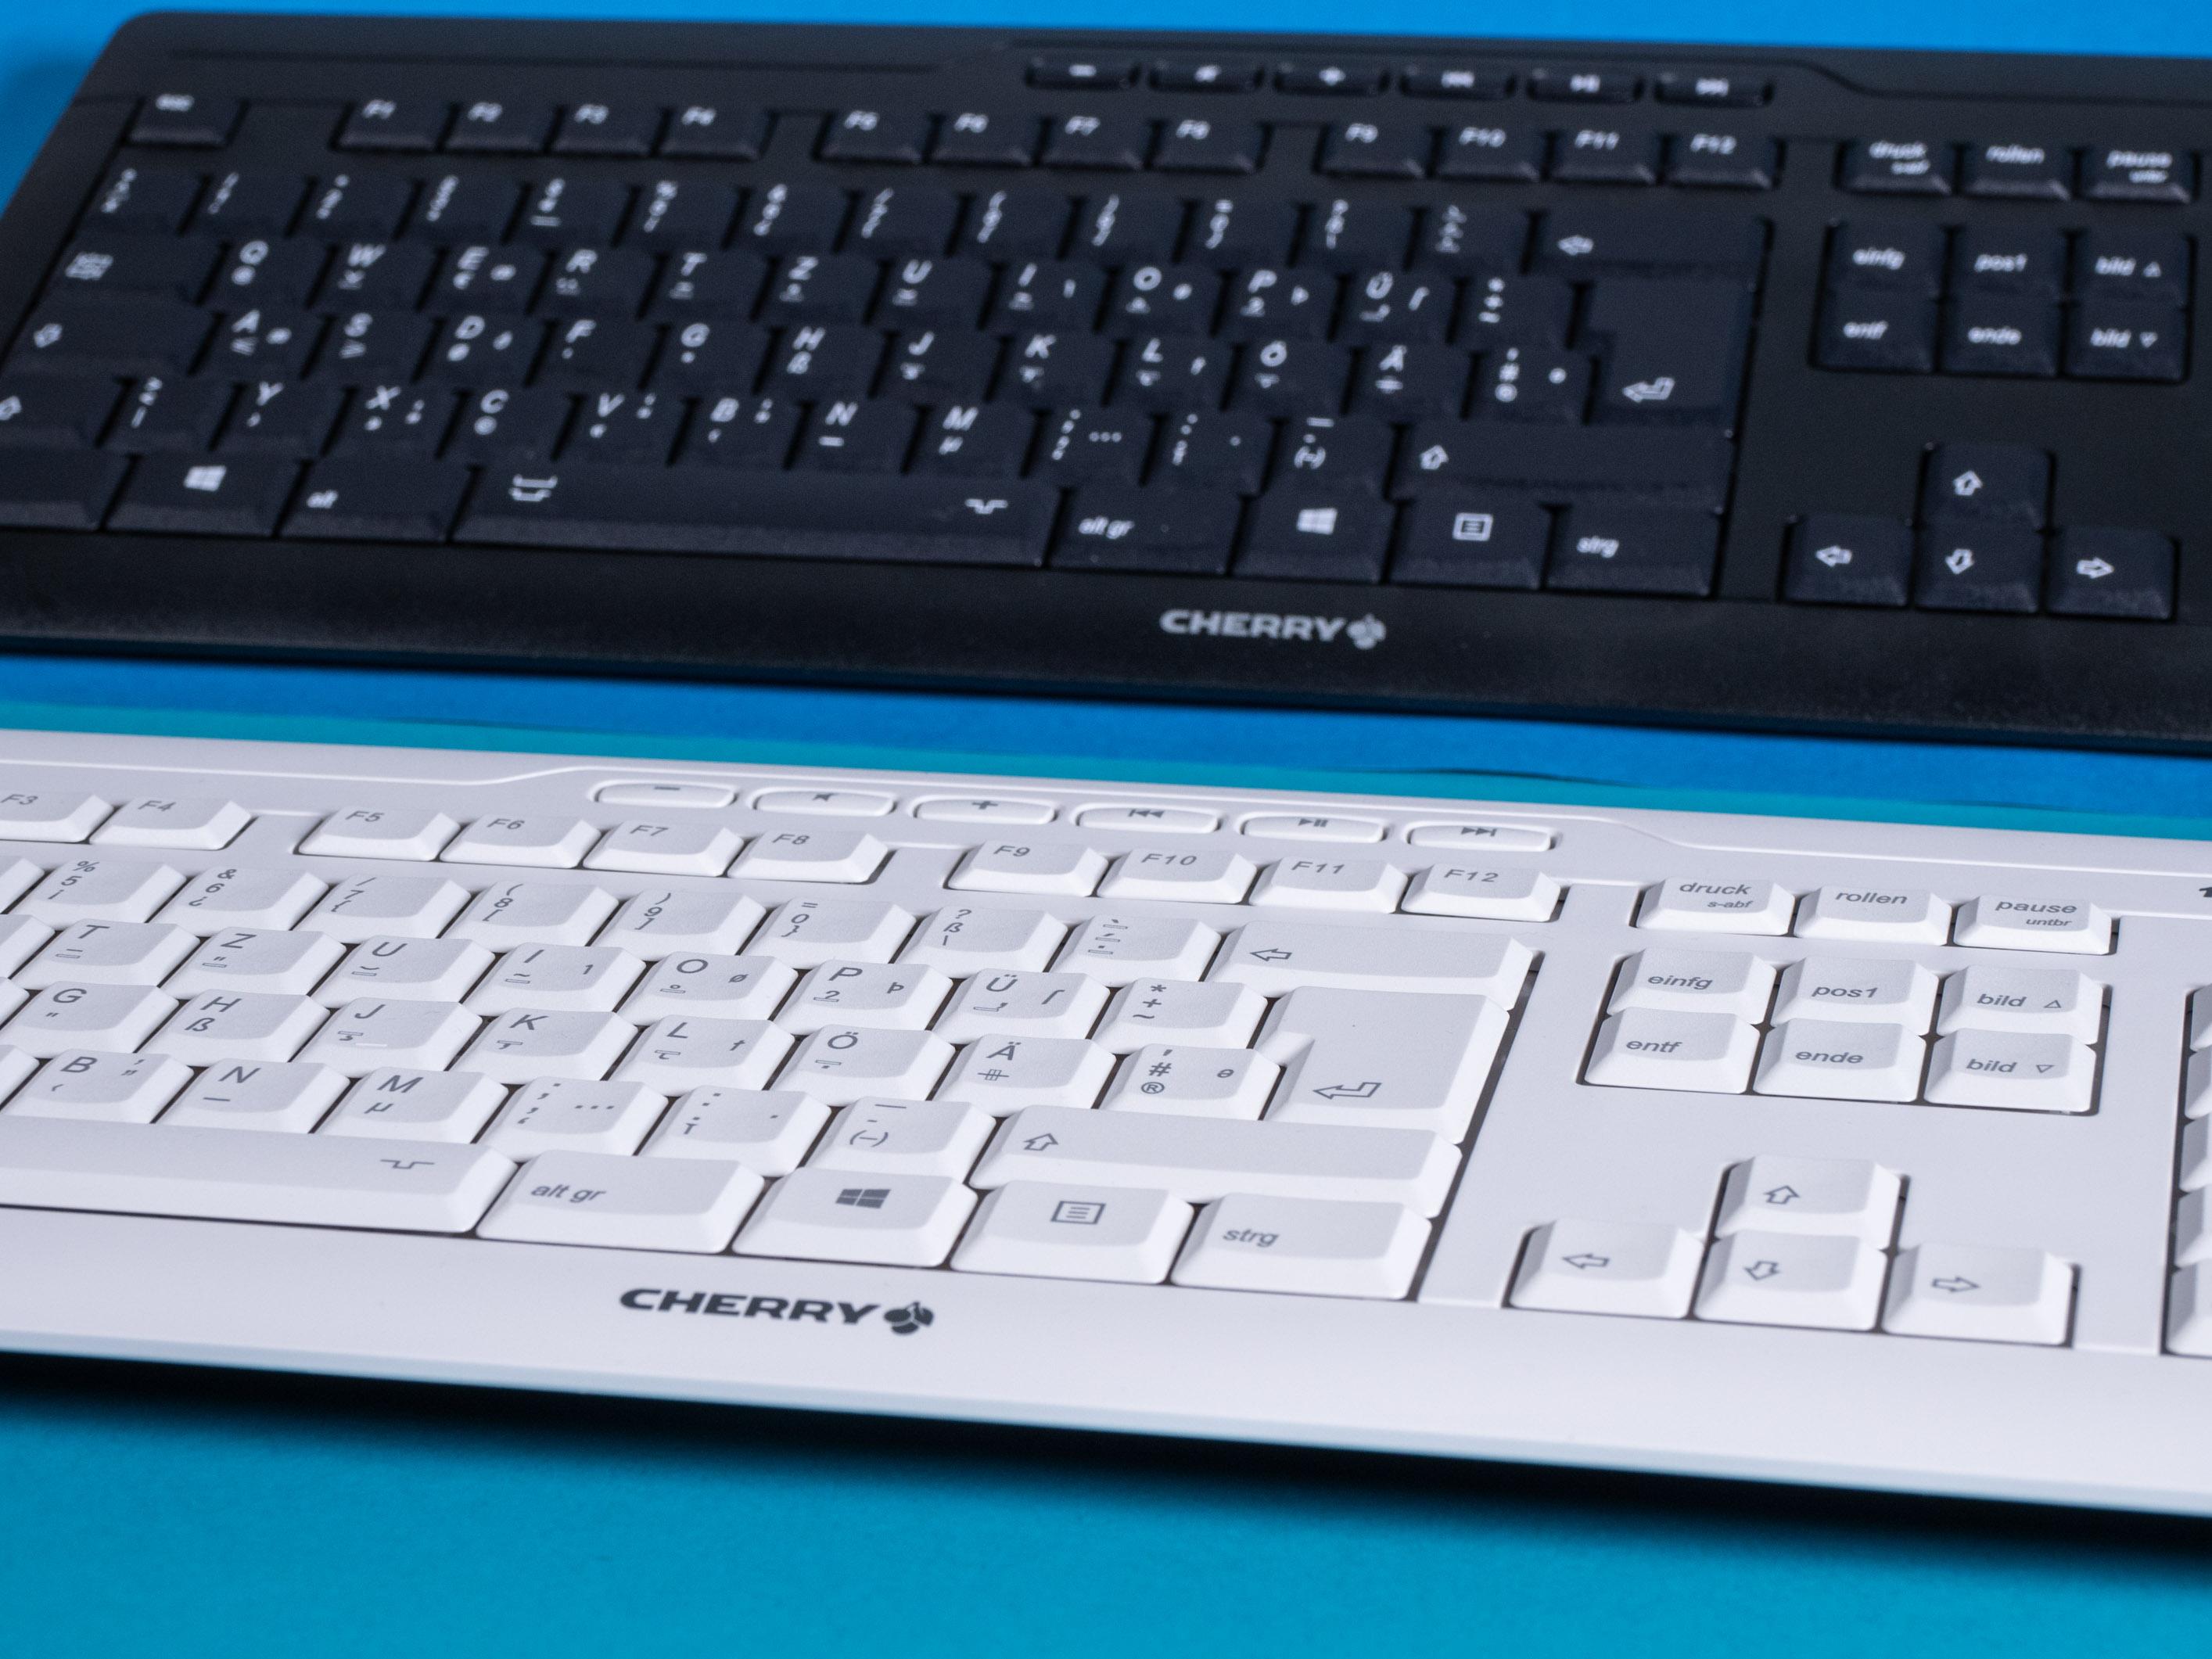 DIN 2137-T2-Layout ausprobiert: Die Tastatur mit dem großen ß - (Bild: Martin Wolf / Golem.de)